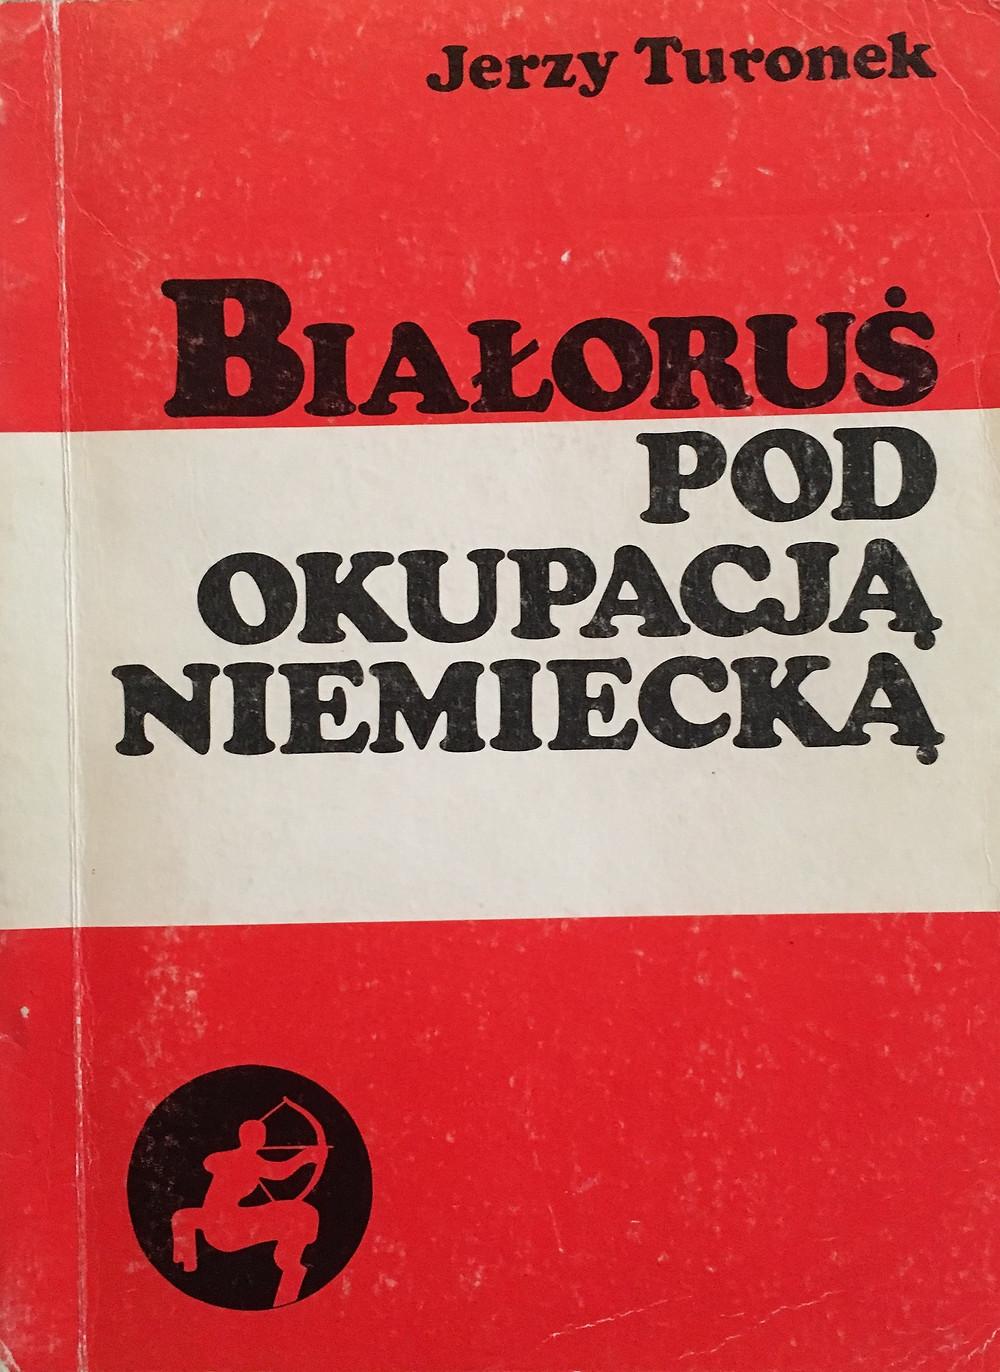 J. Turonak knygos viršelis